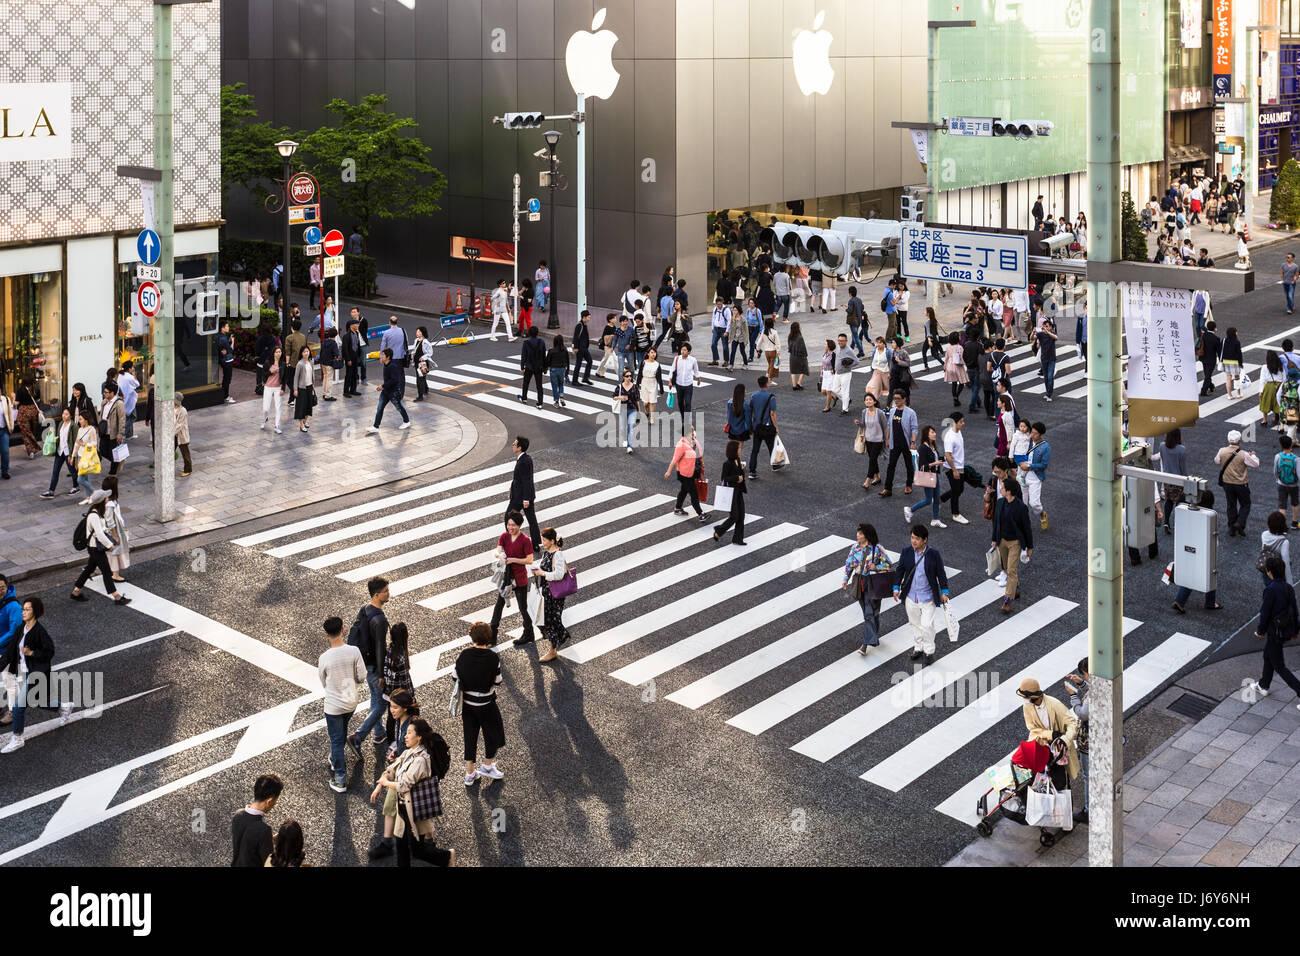 Tokio - Mayo 7, 2017: la gente paseando por las calles de Ginza, el distrito de tiendas de lujo en Tokio, capital Imagen De Stock